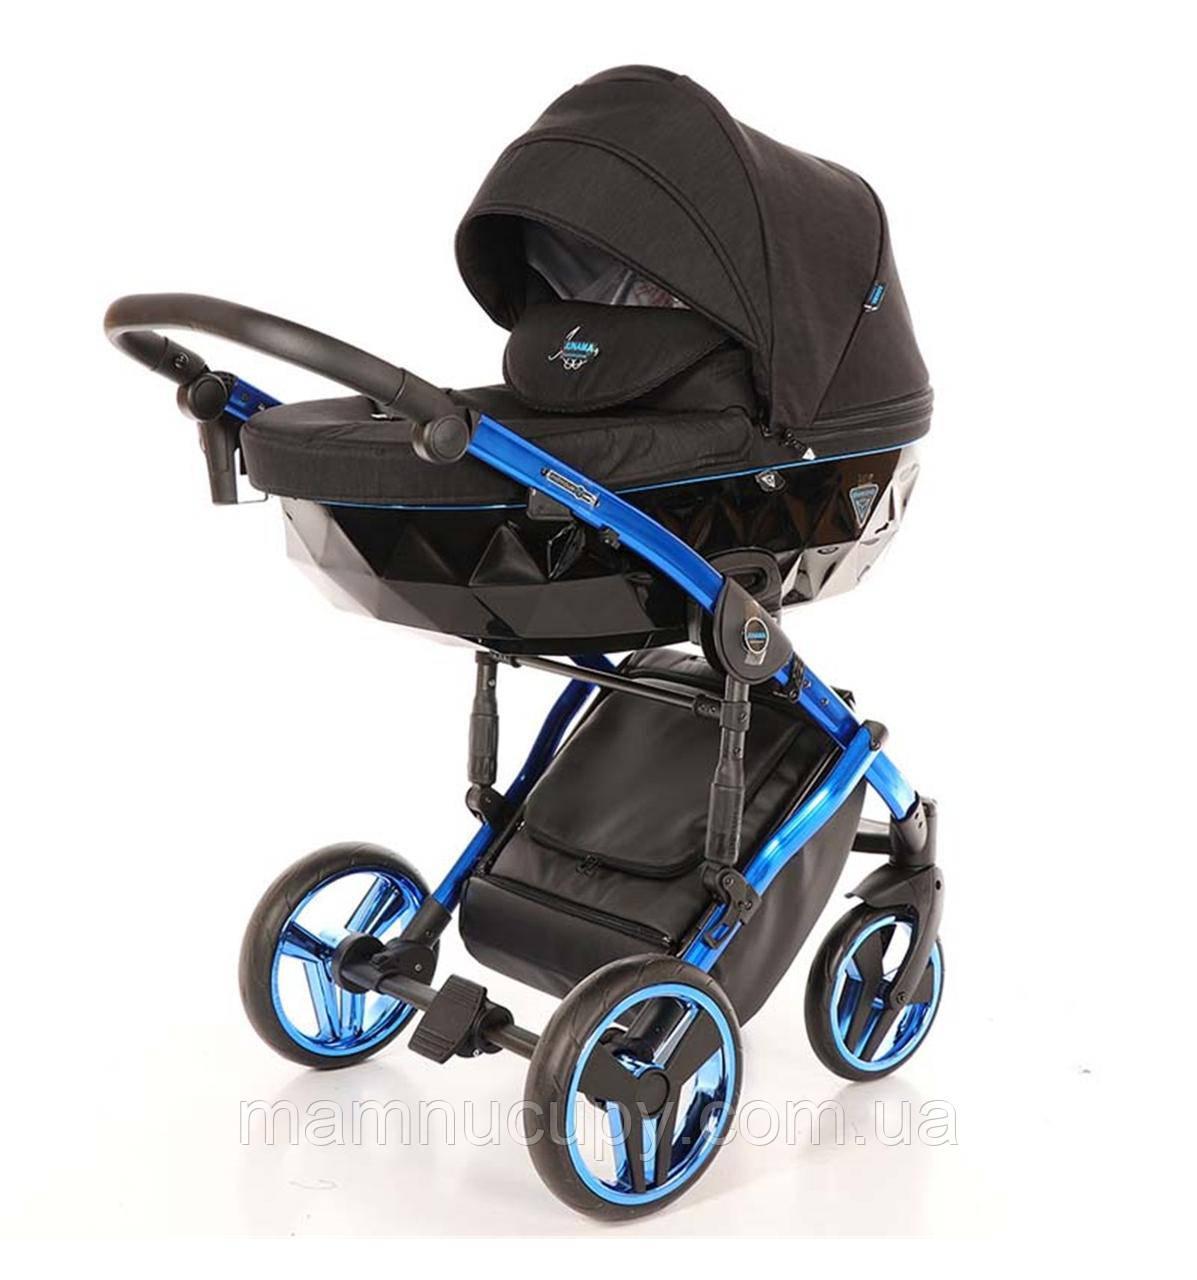 Детская универсальная коляска 2 в 1 Tako Junama Diamond Individual 02